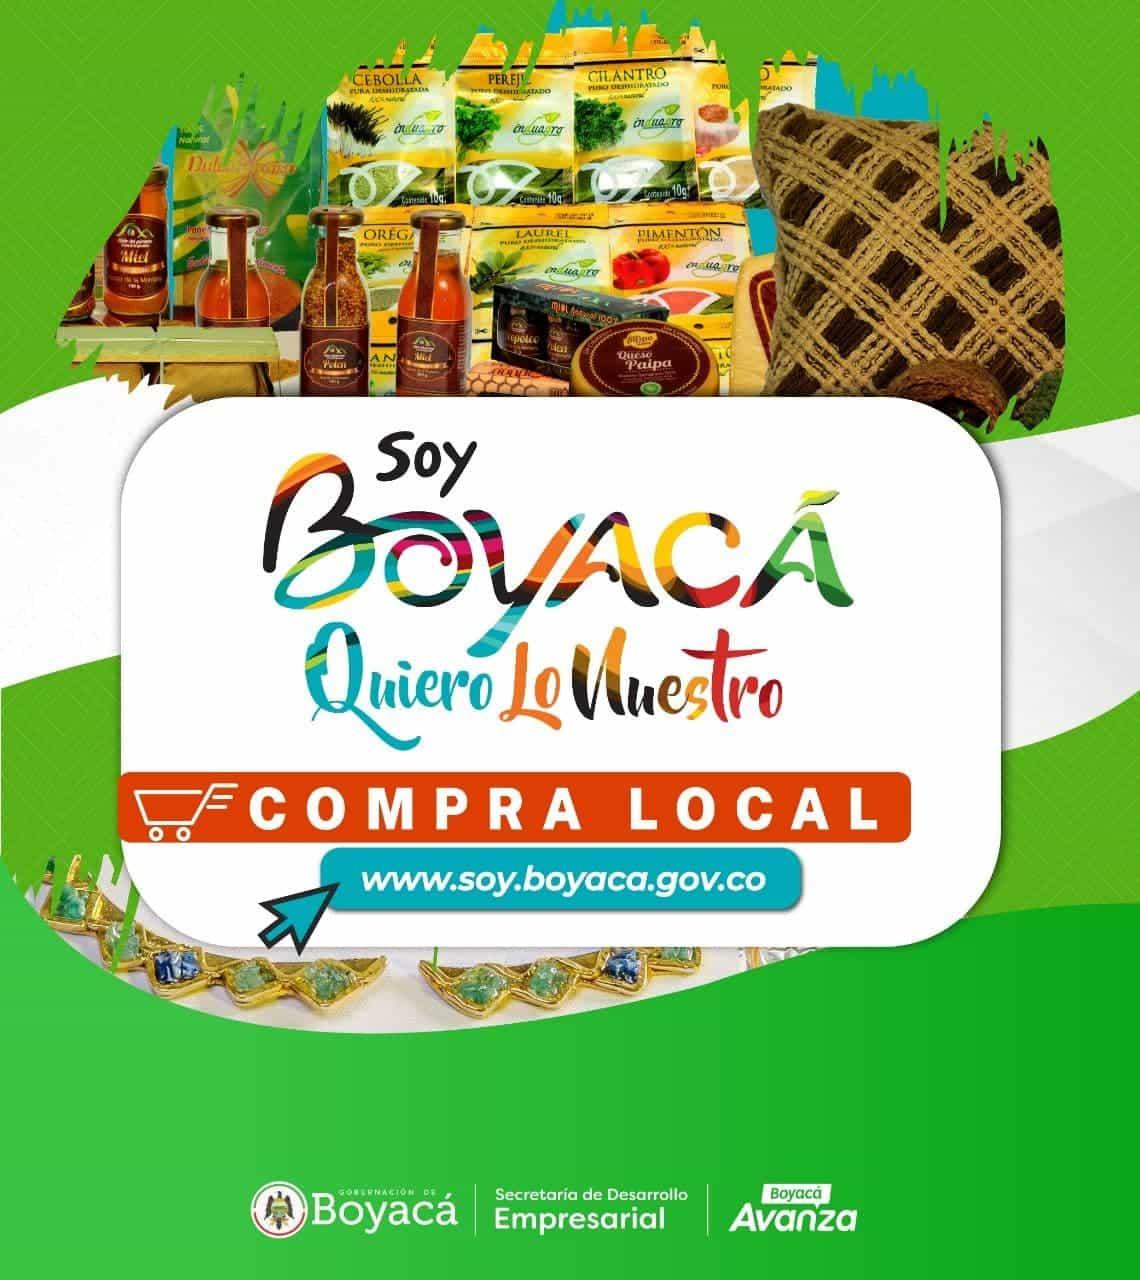 Afiche promocional de la campaña 'Soy Boyacá Quiero lo Nuestro', de la Gobernación. Foto : archivo particular